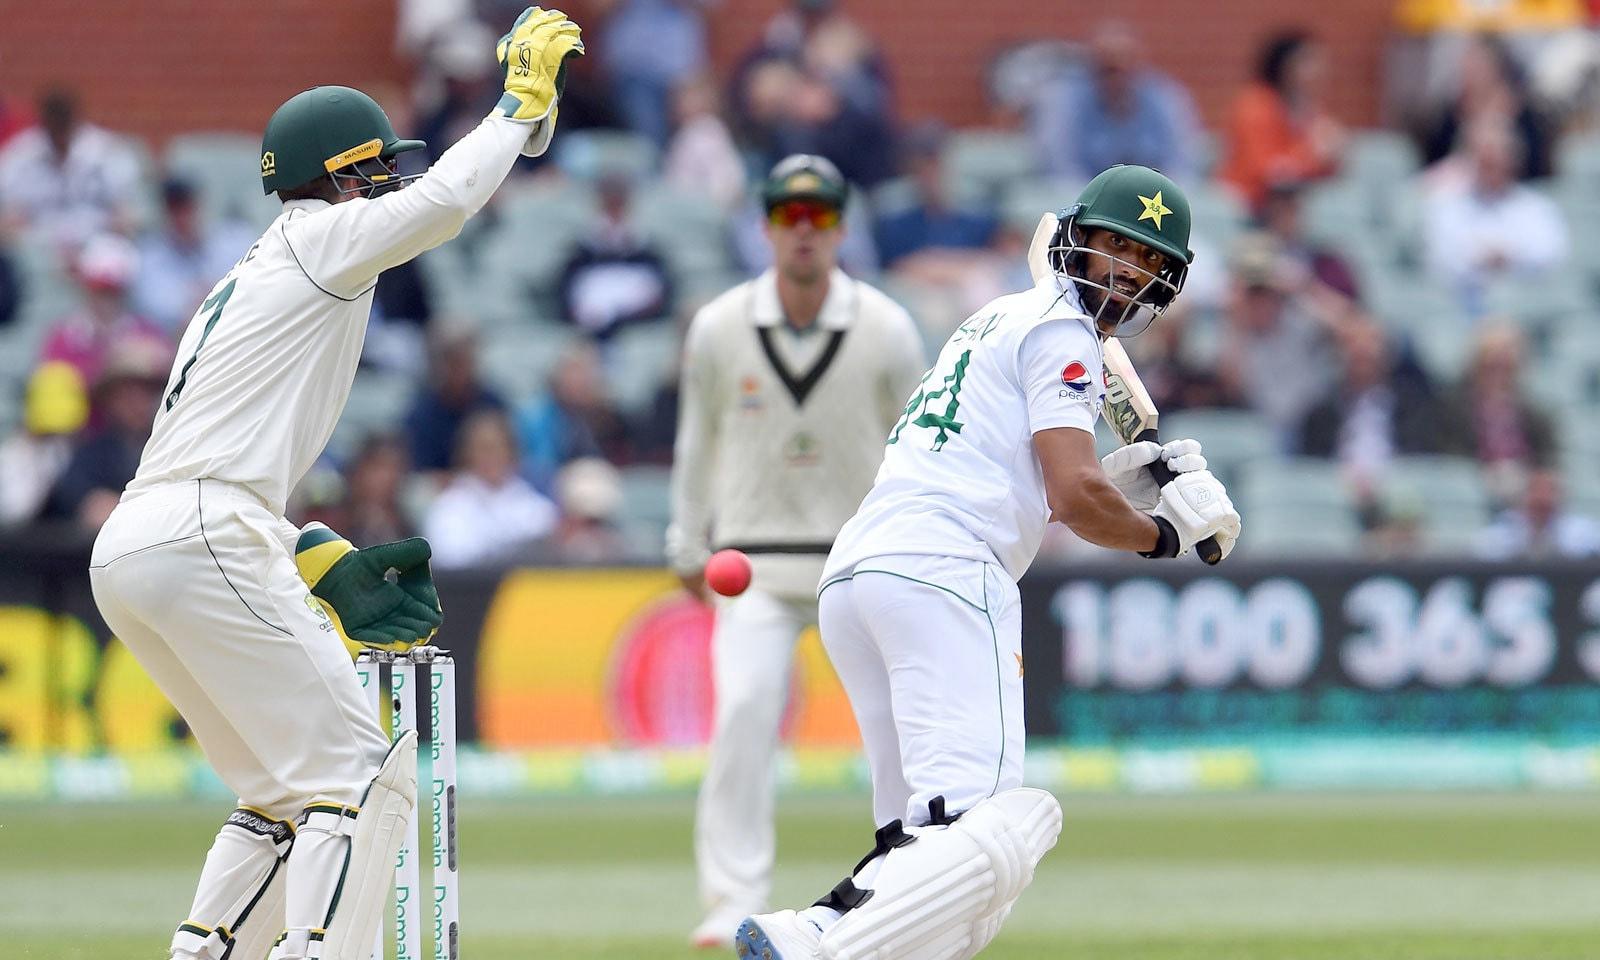 شان مسعود پاکستان کی دوسری اننگز میں 68رنز کے ساتھ سب سے کامیاب بلے باز رہے— فوٹو: اے ایف پی